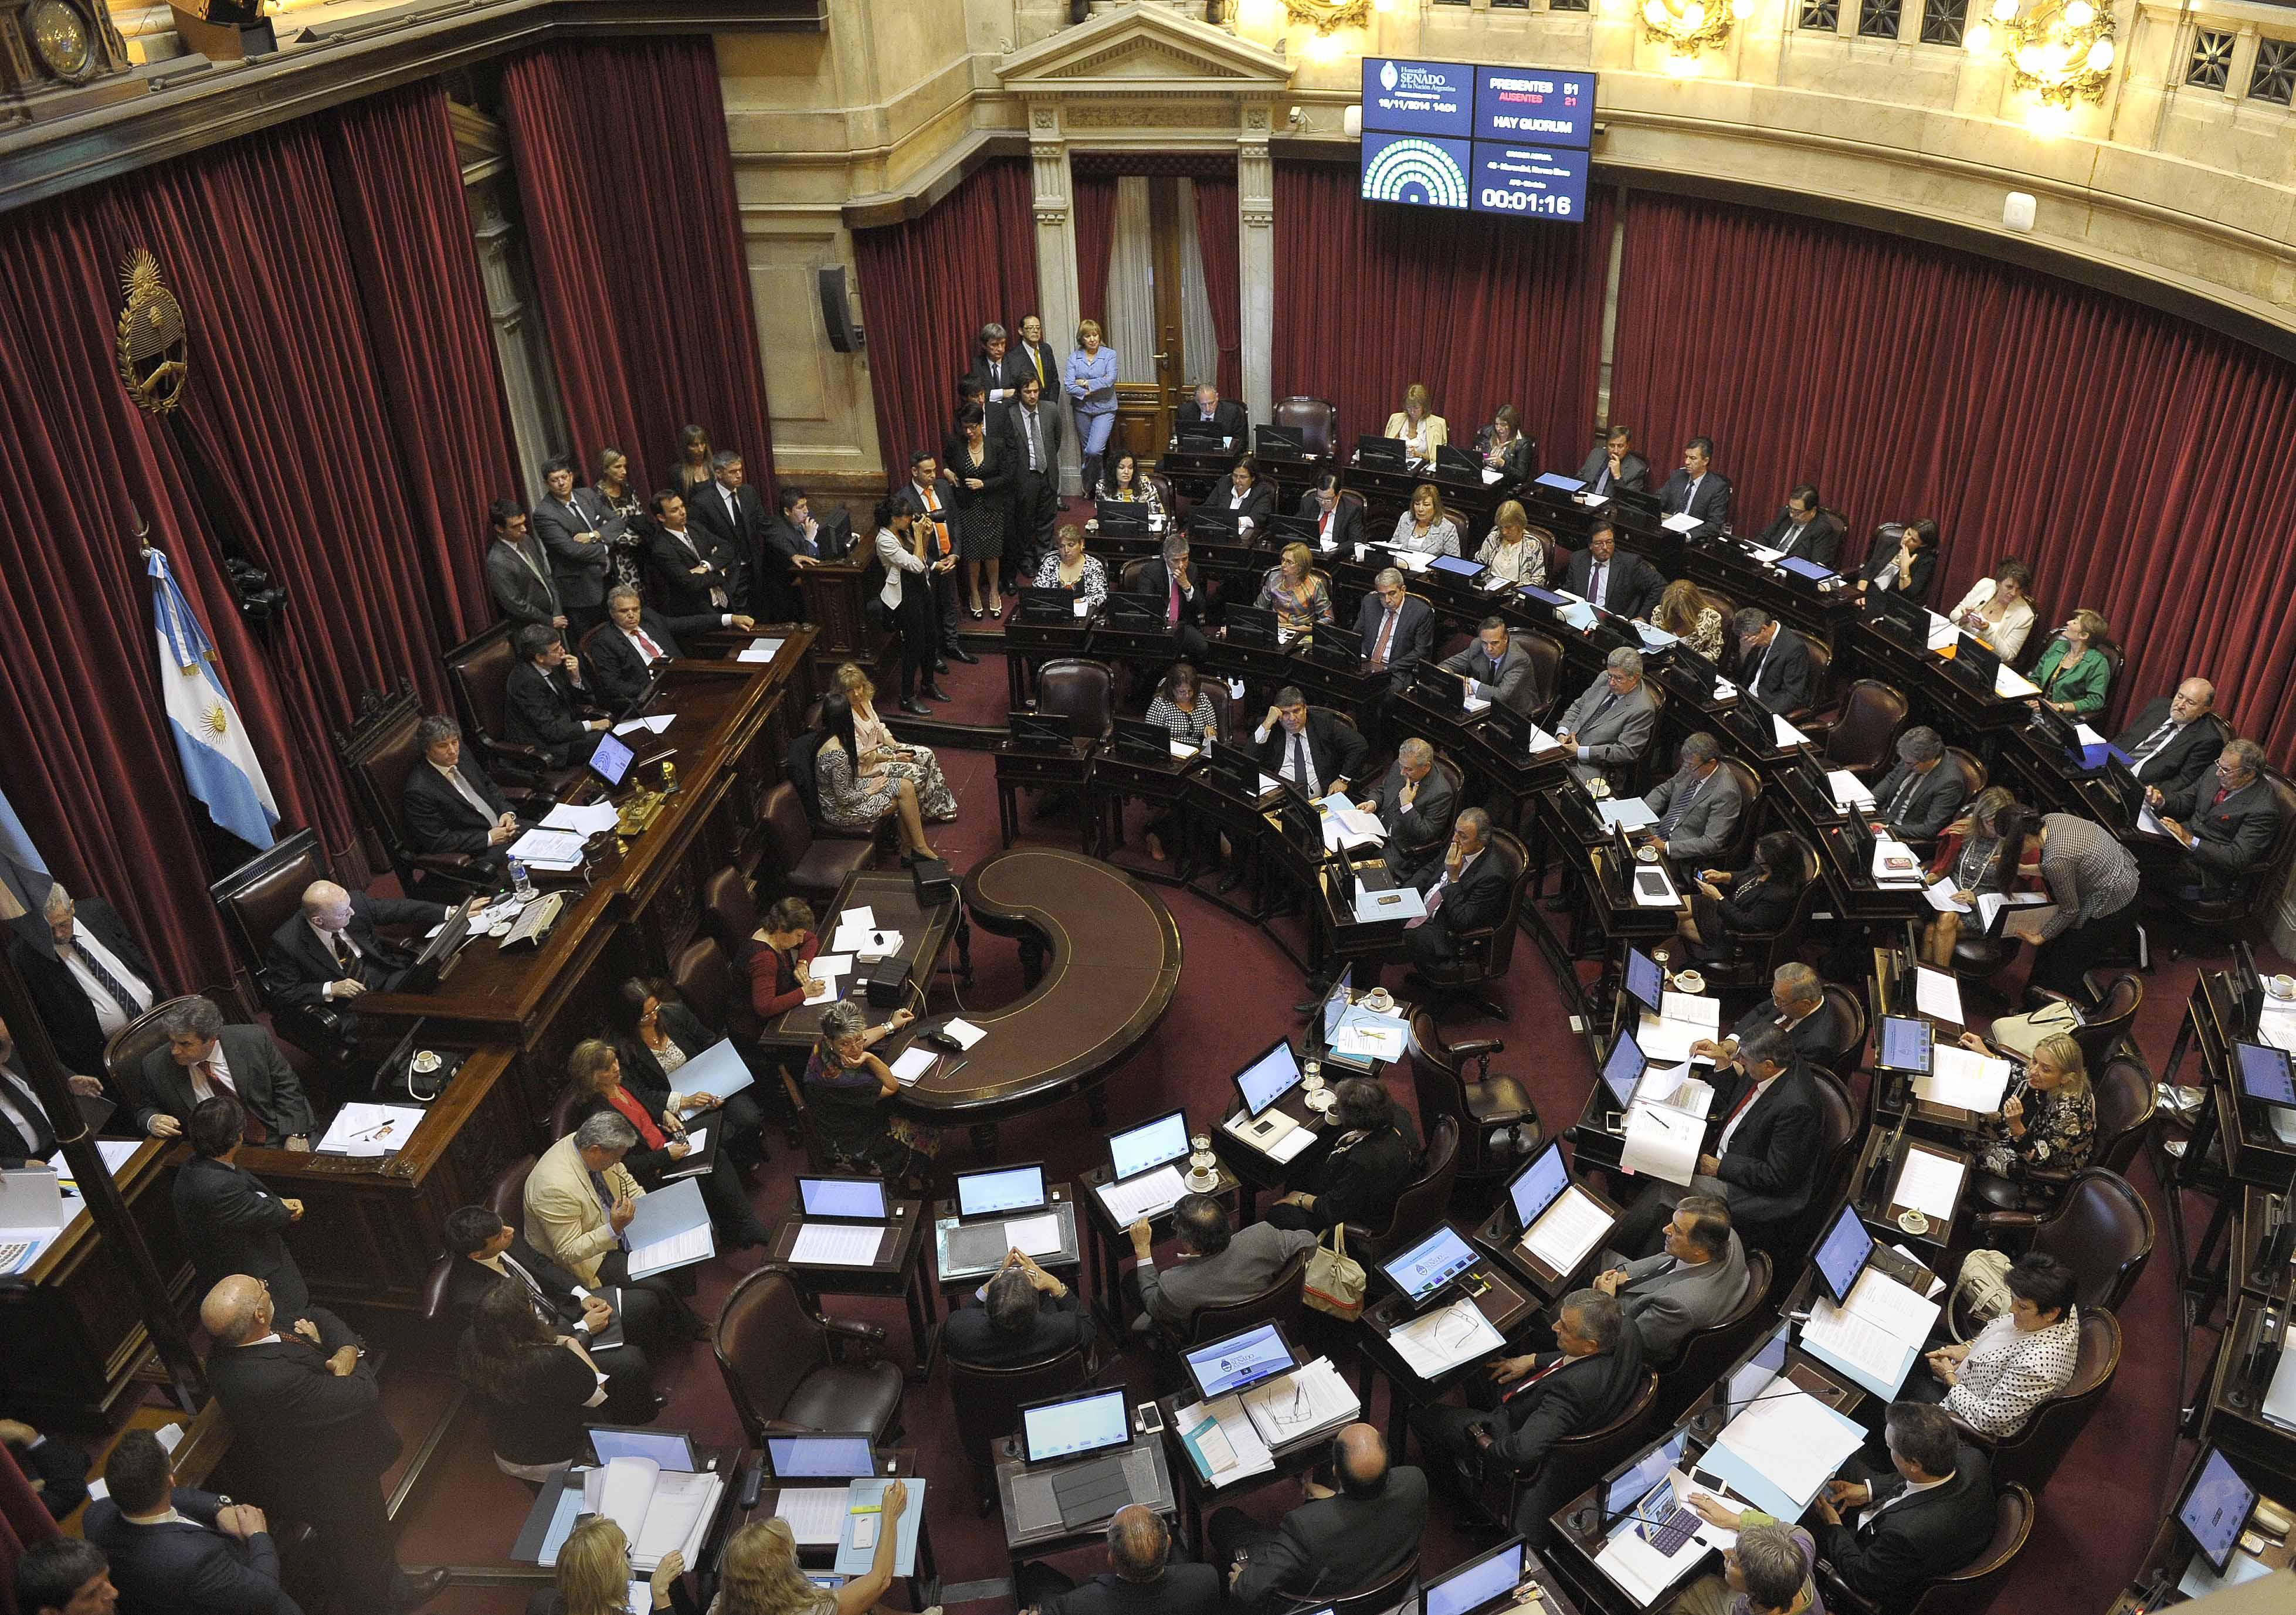 El senado tratar hoy la ley del presupuesto 2016 - Fotos de cenadores ...